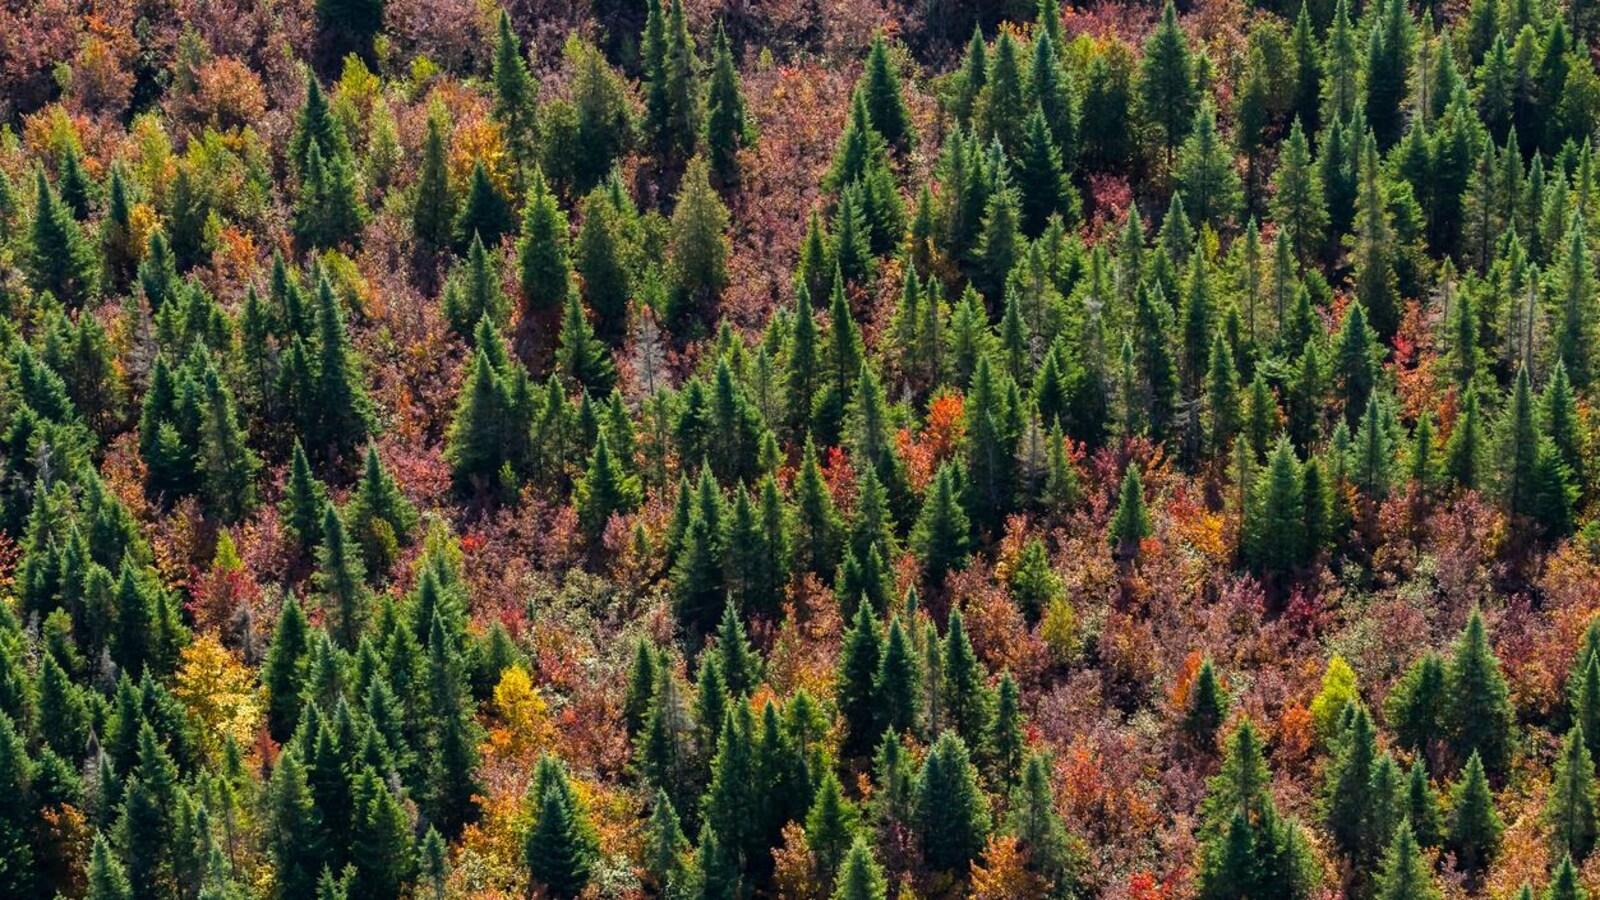 Une forêt boréale remplie de sapin et d'arbres de couleurs.